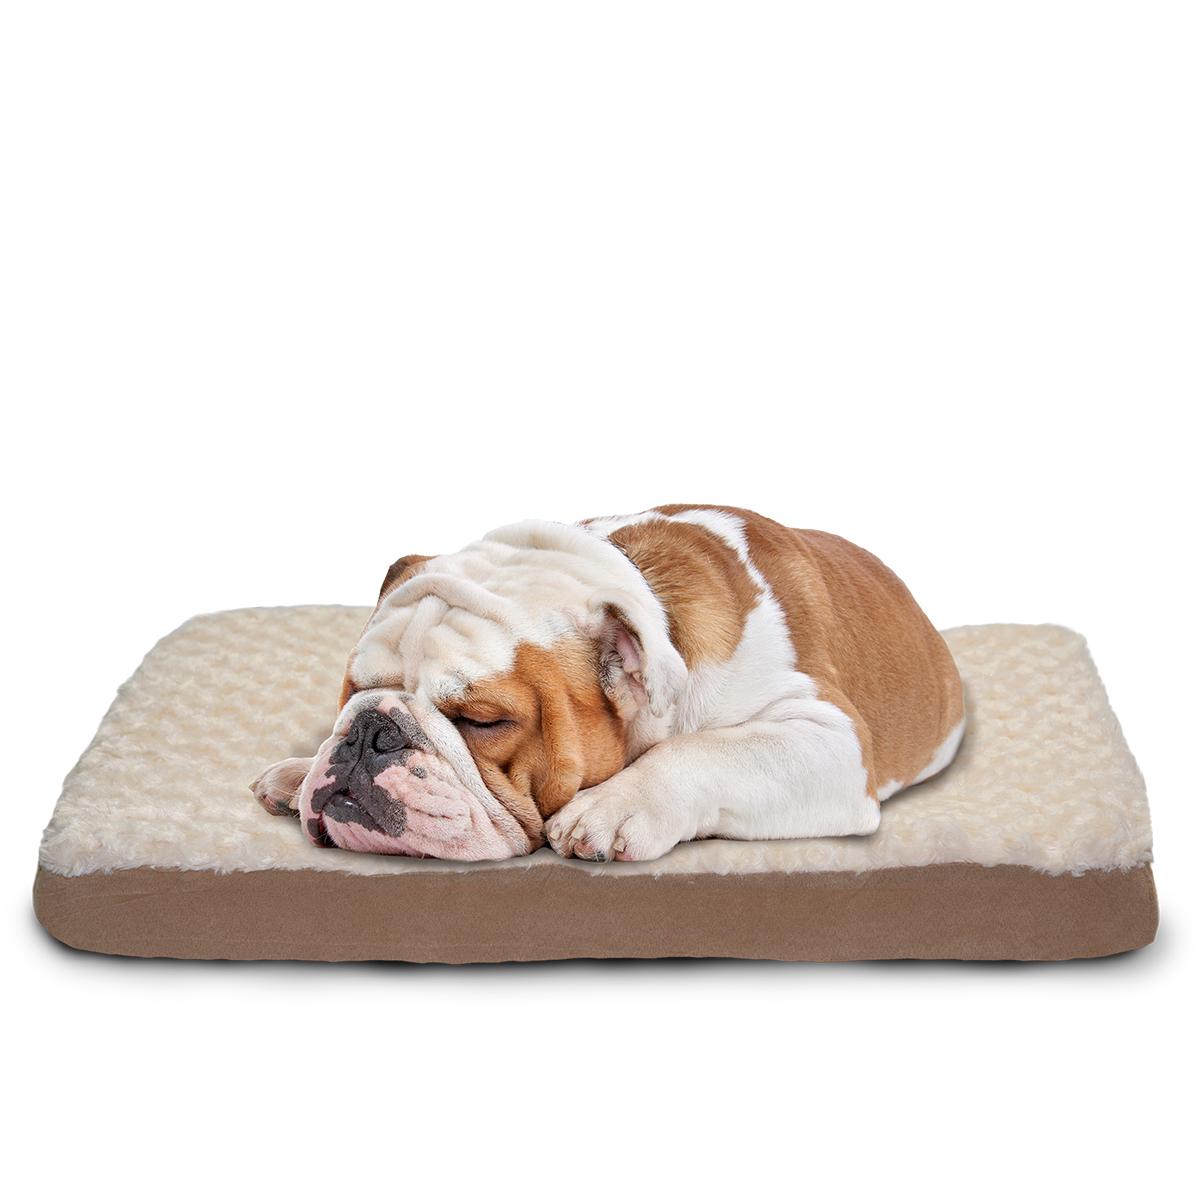 Large Dog Bed Plush Pet Mattress Washable Puppy Cushion